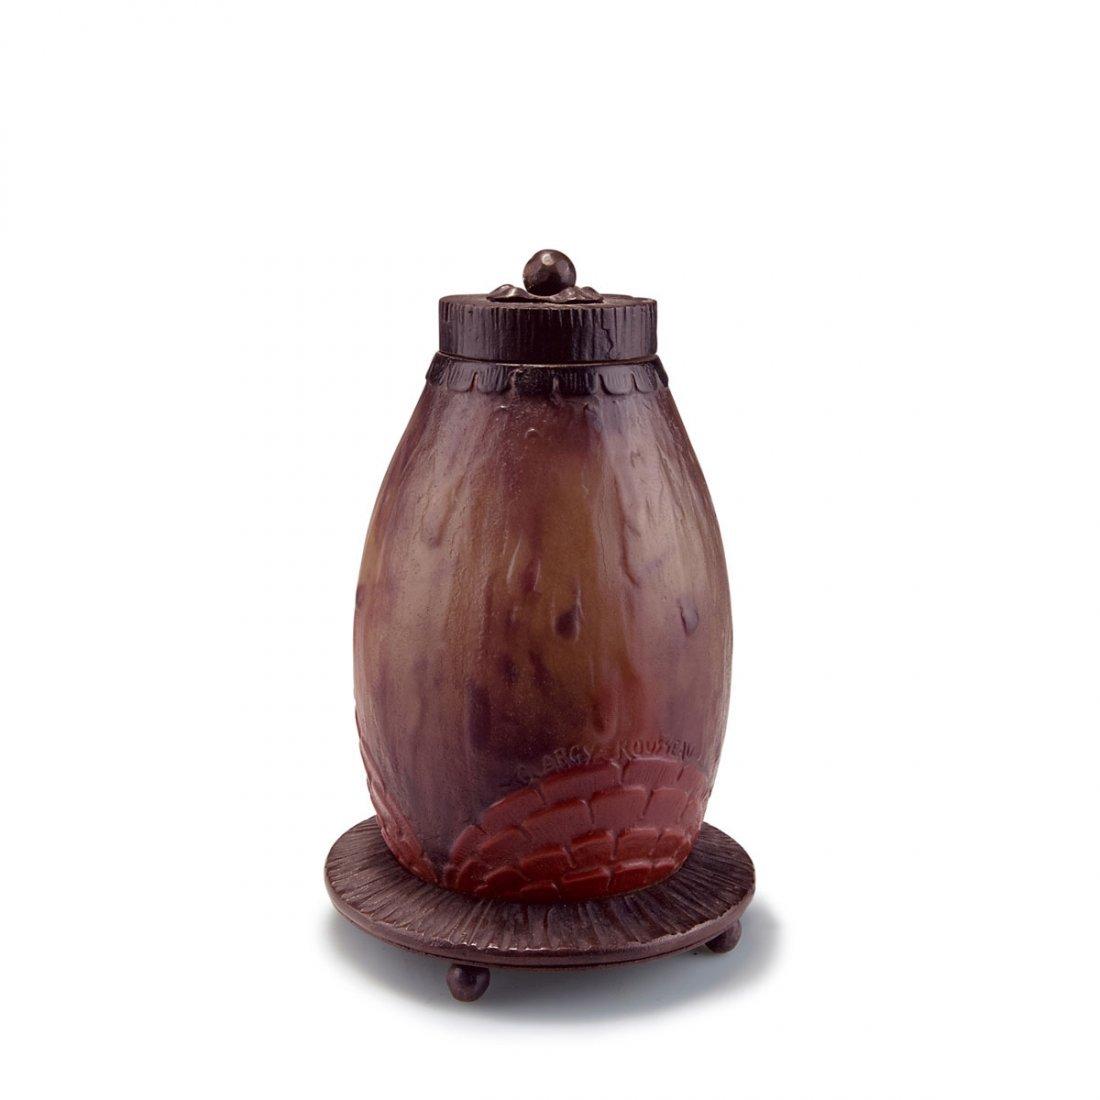 Gabriel Argy-Rousseau, Paris. Table light, 1925. H.